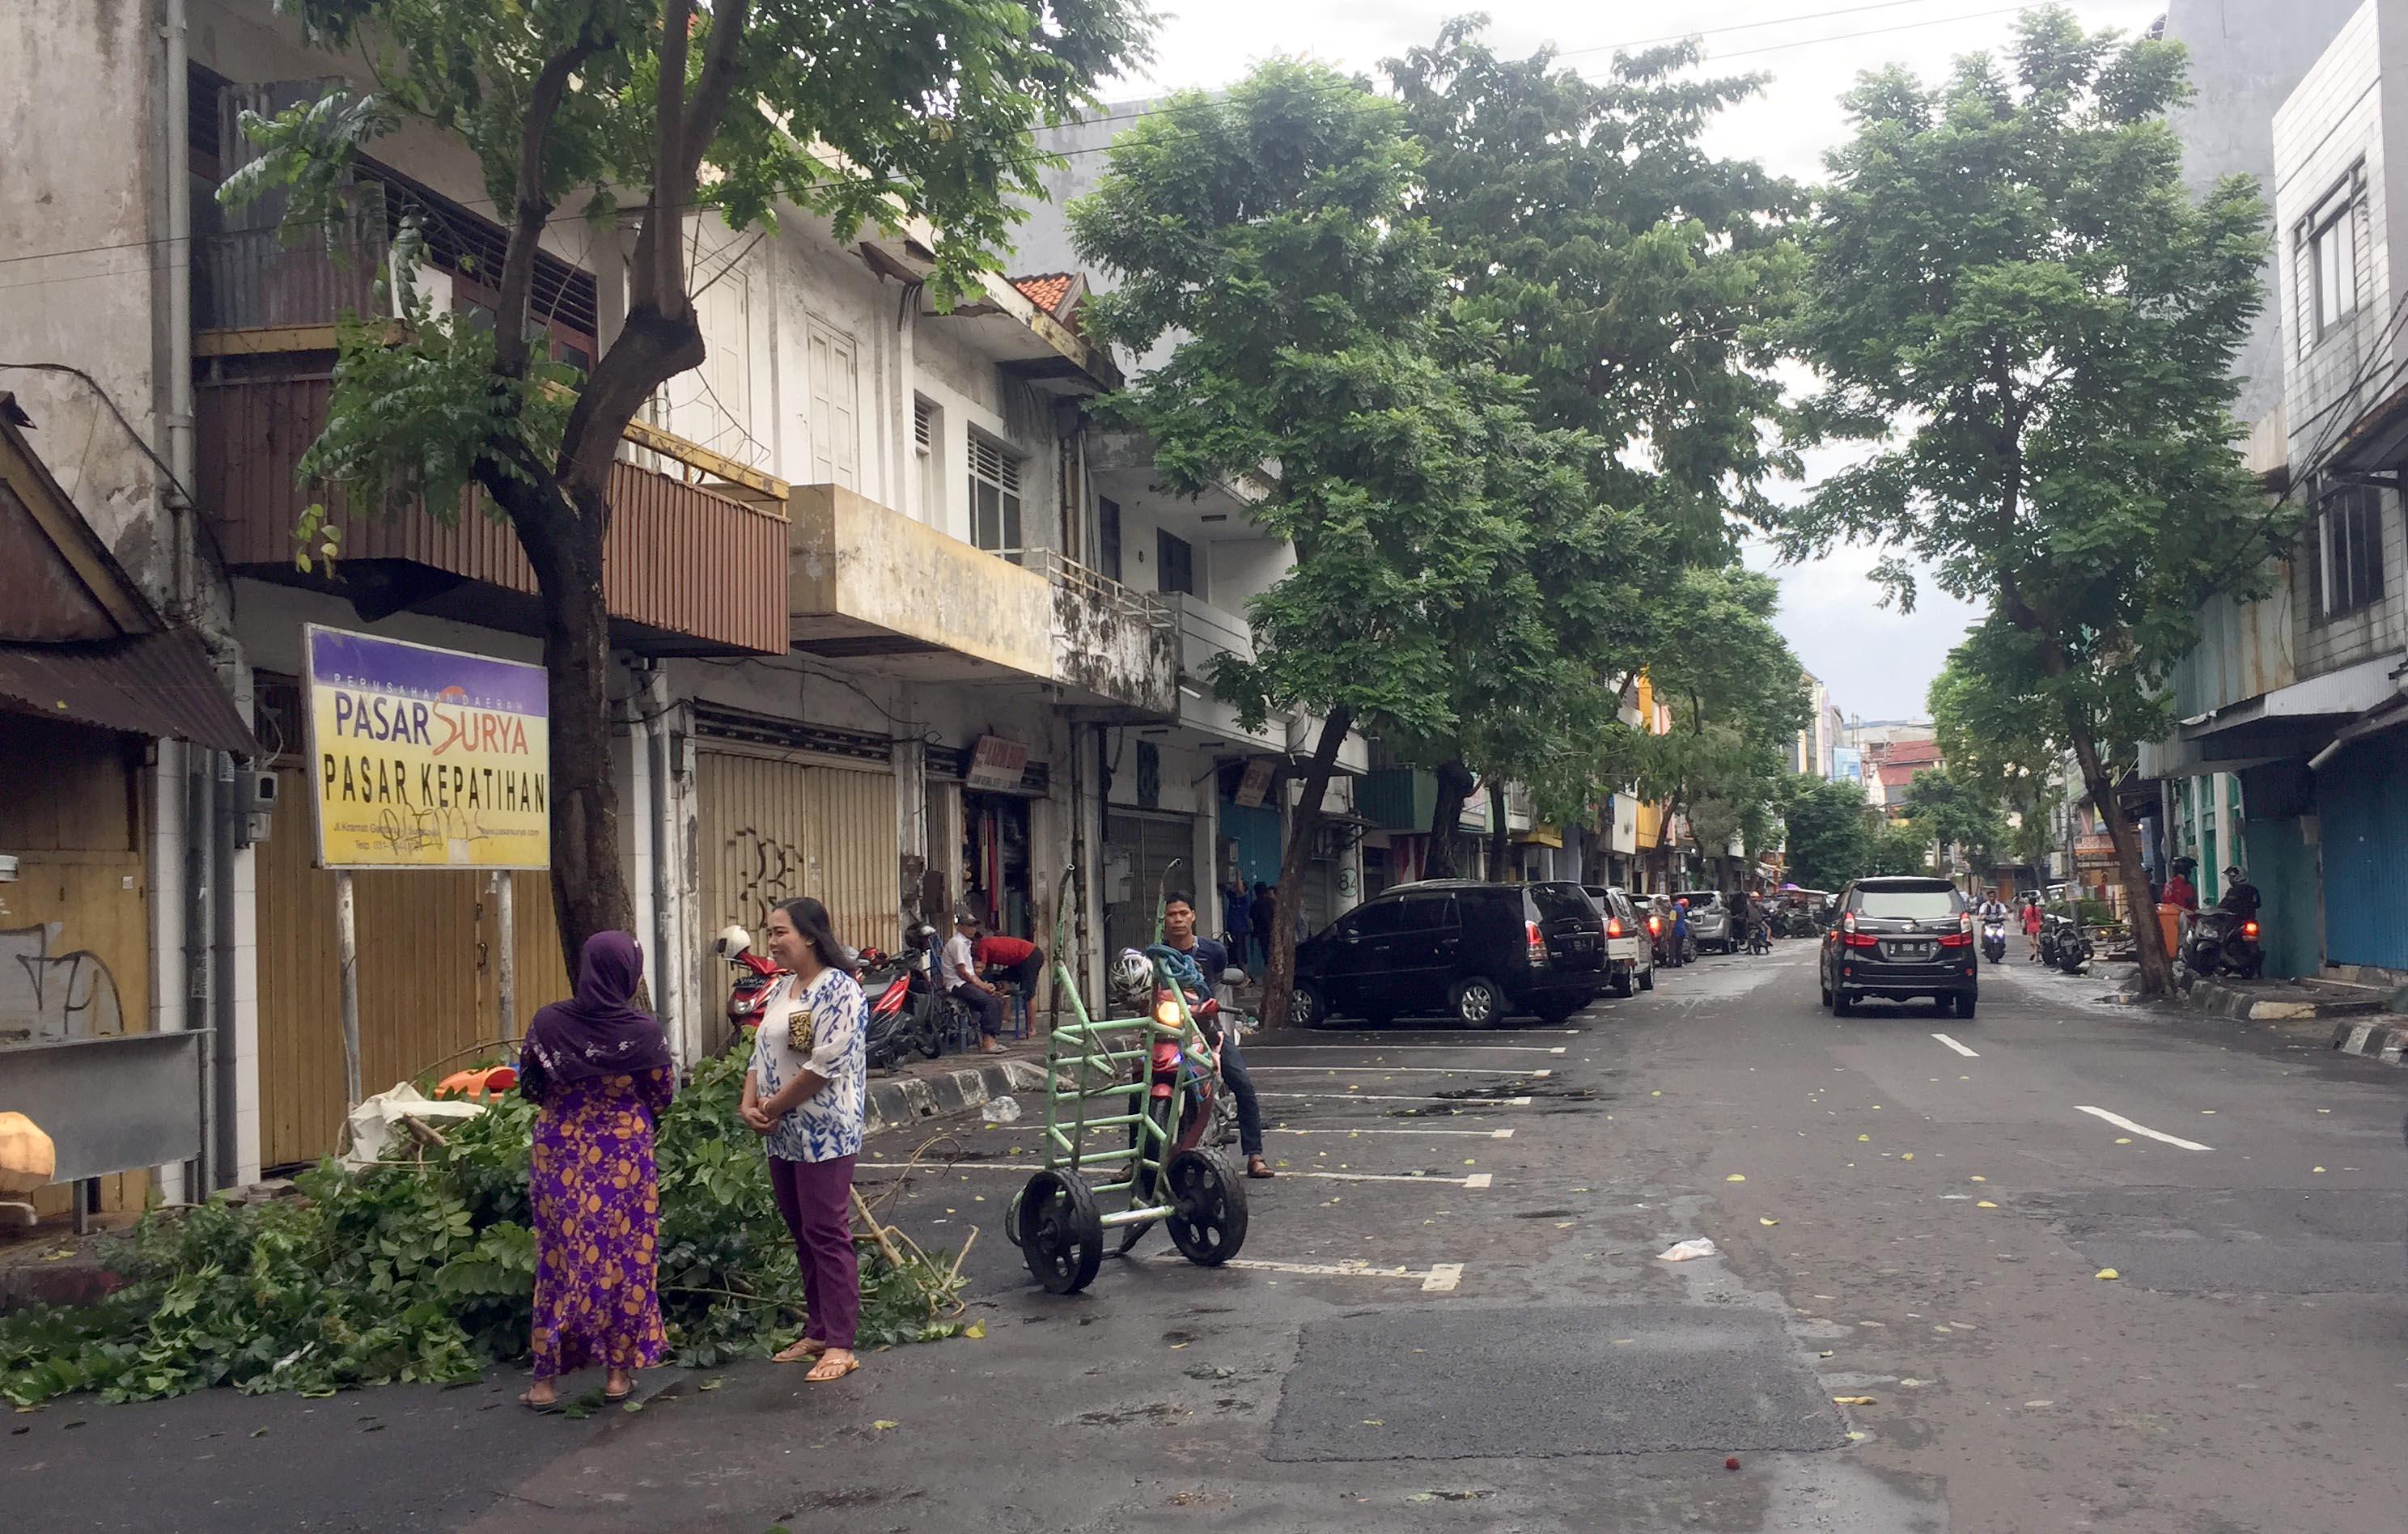 Kisah di Balik Nama Jalan Kramat Gantung Surabaya  26df220515